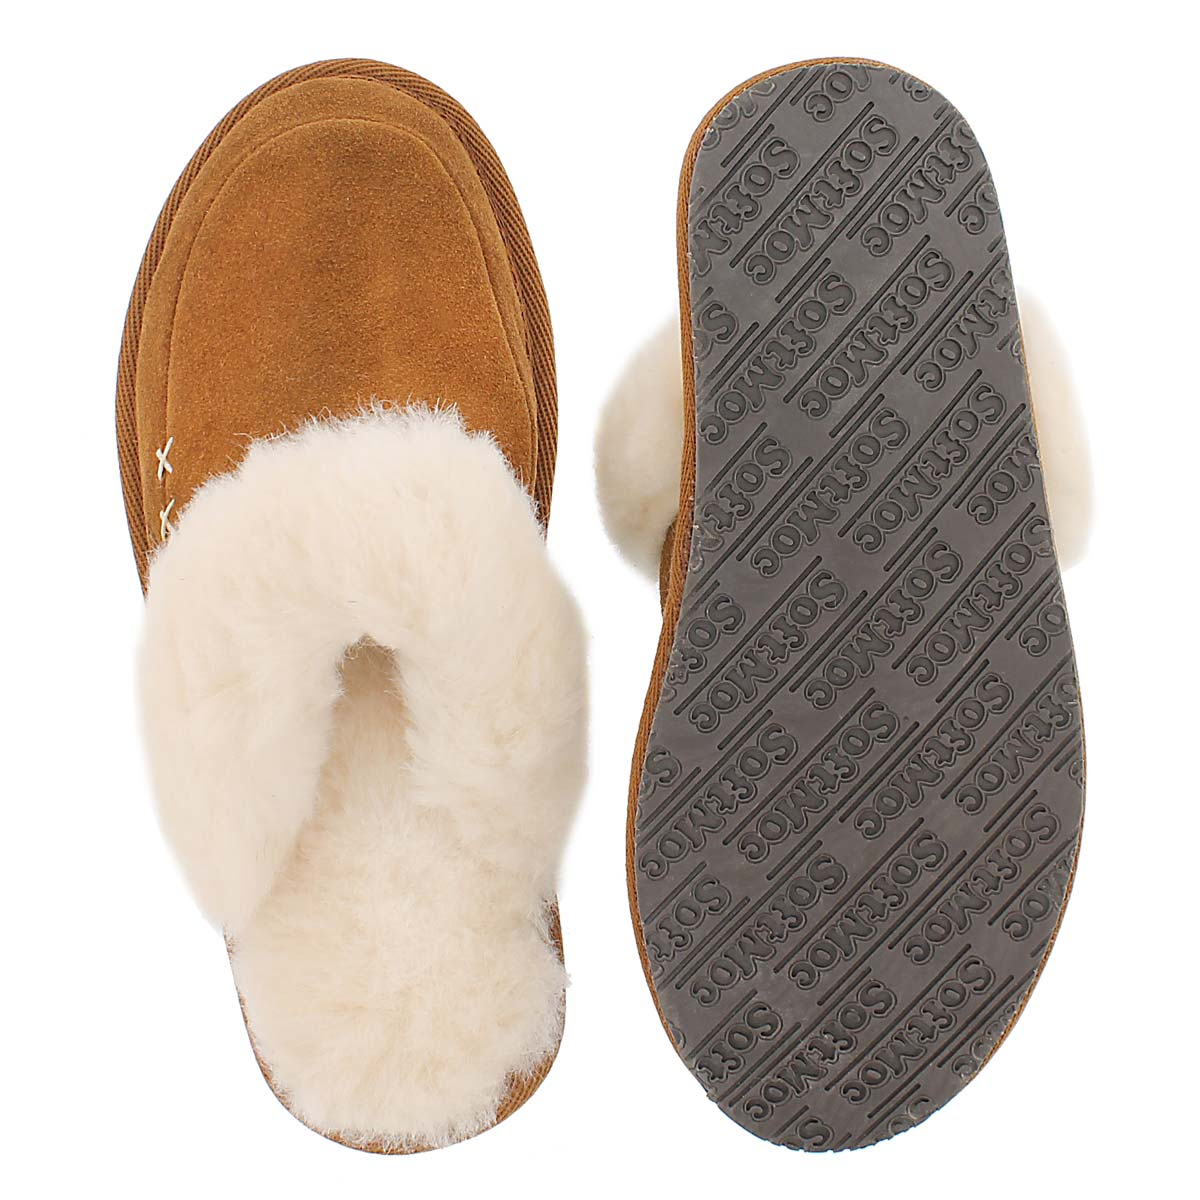 Lds Scarlett chestnut mem. foam slipper